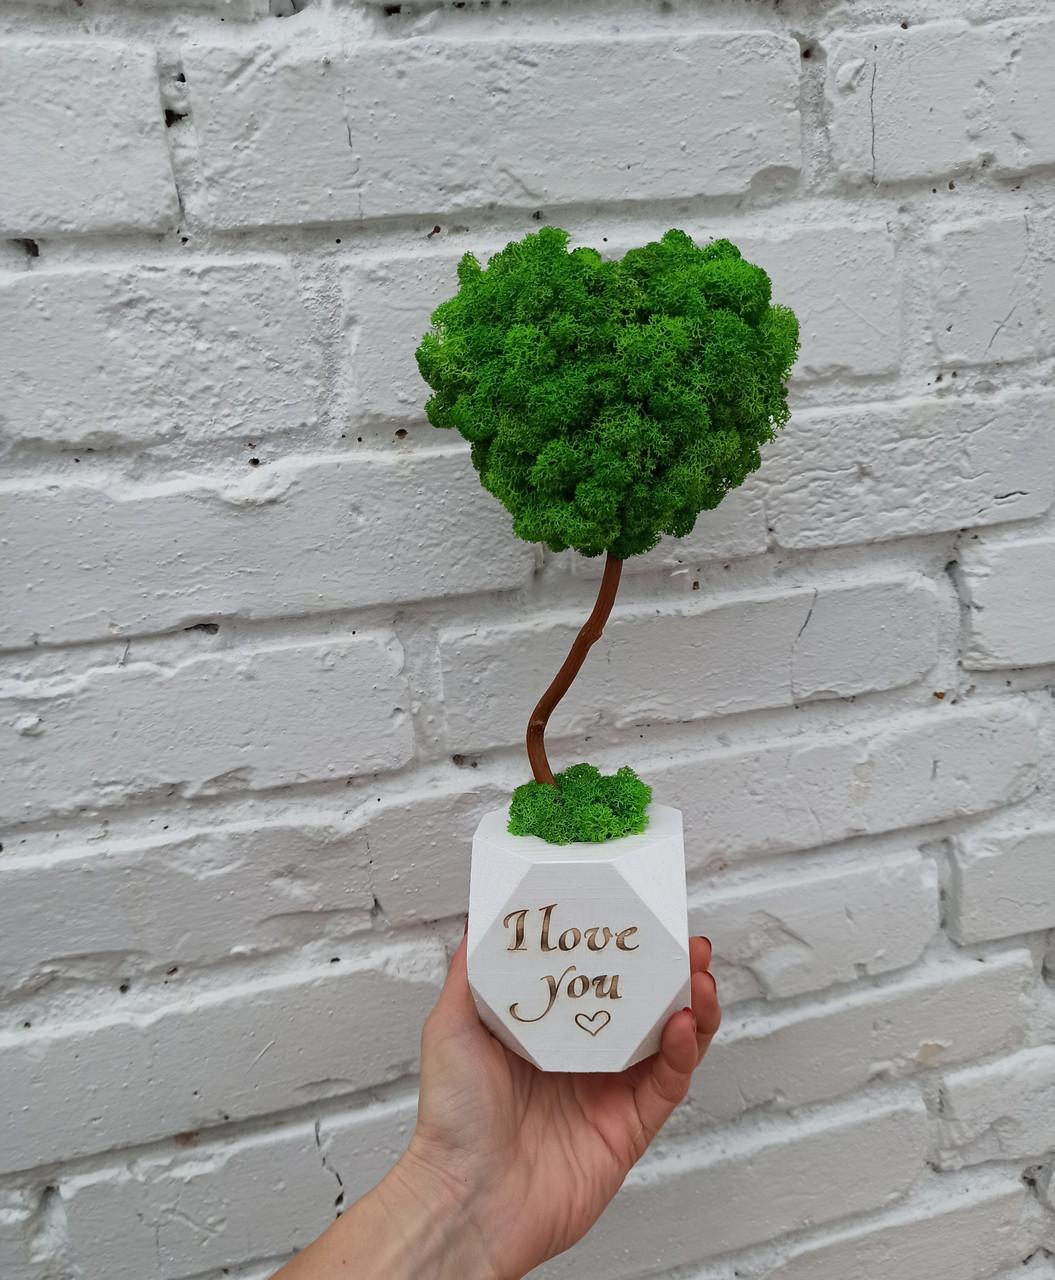 Подарунок до дня святого Валентина коханій, топіарій серце з моху, дерево з моху у вигляді серця